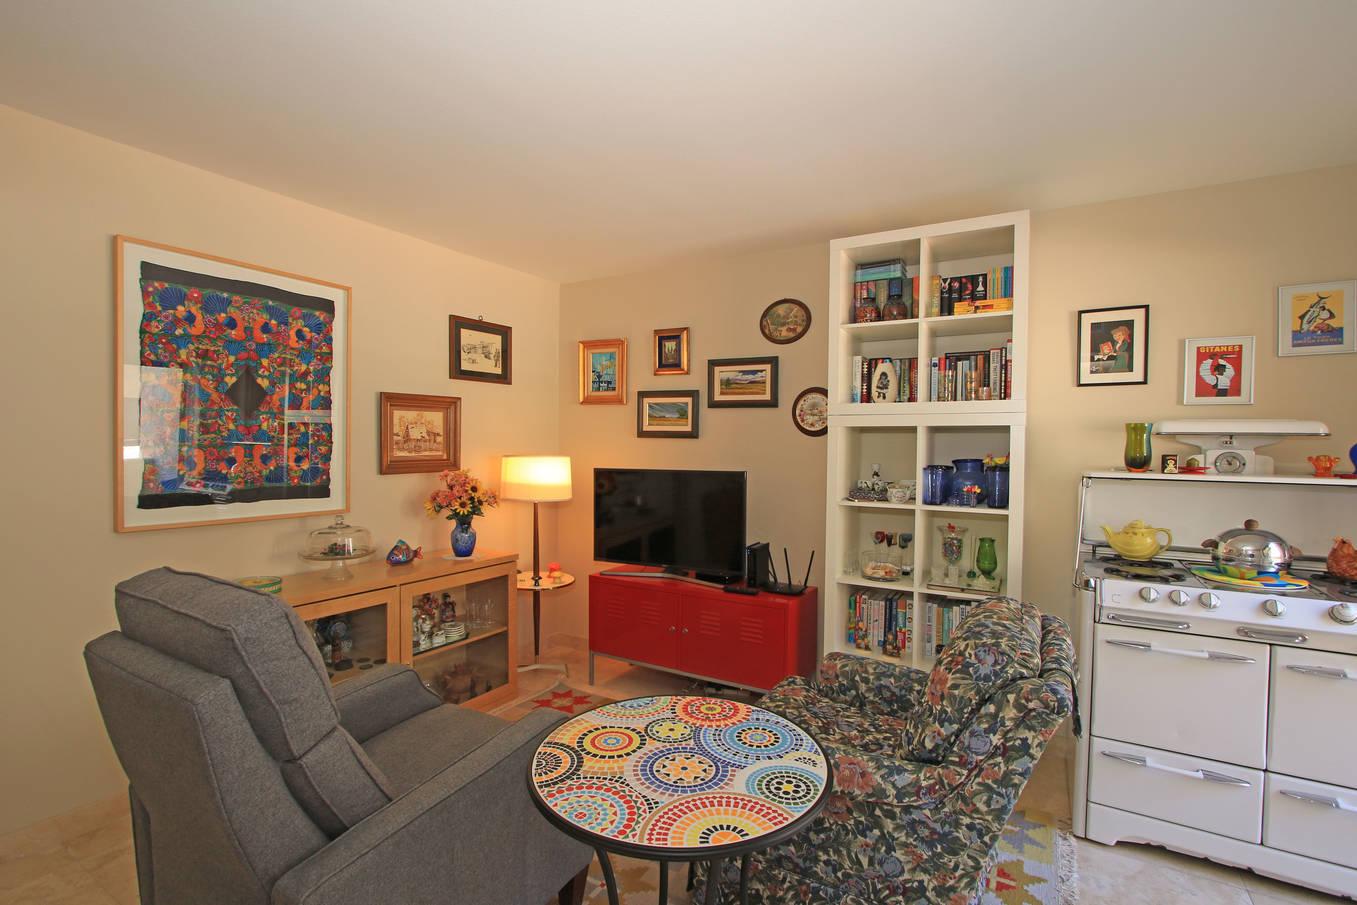 Downstairs Bedroom 1 of 3